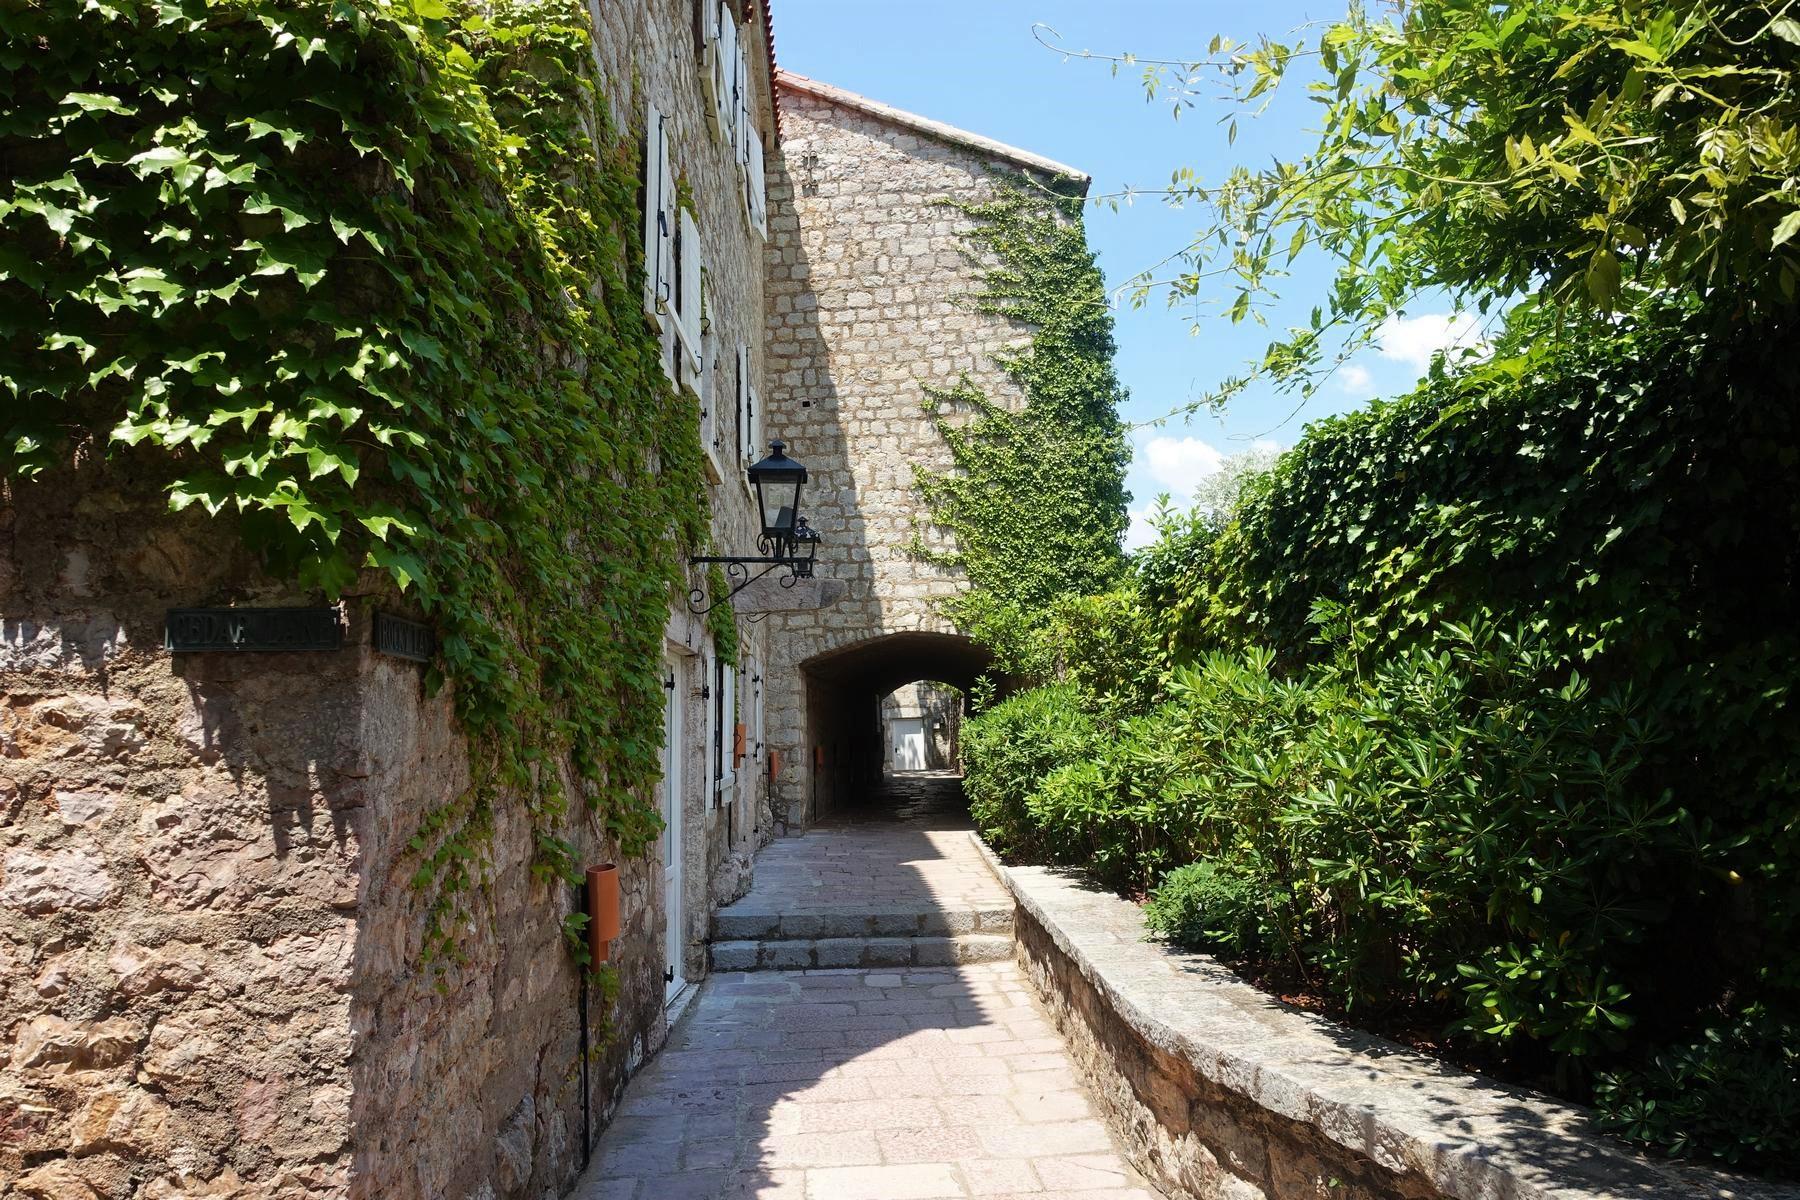 Sveti Stefan former fishing village